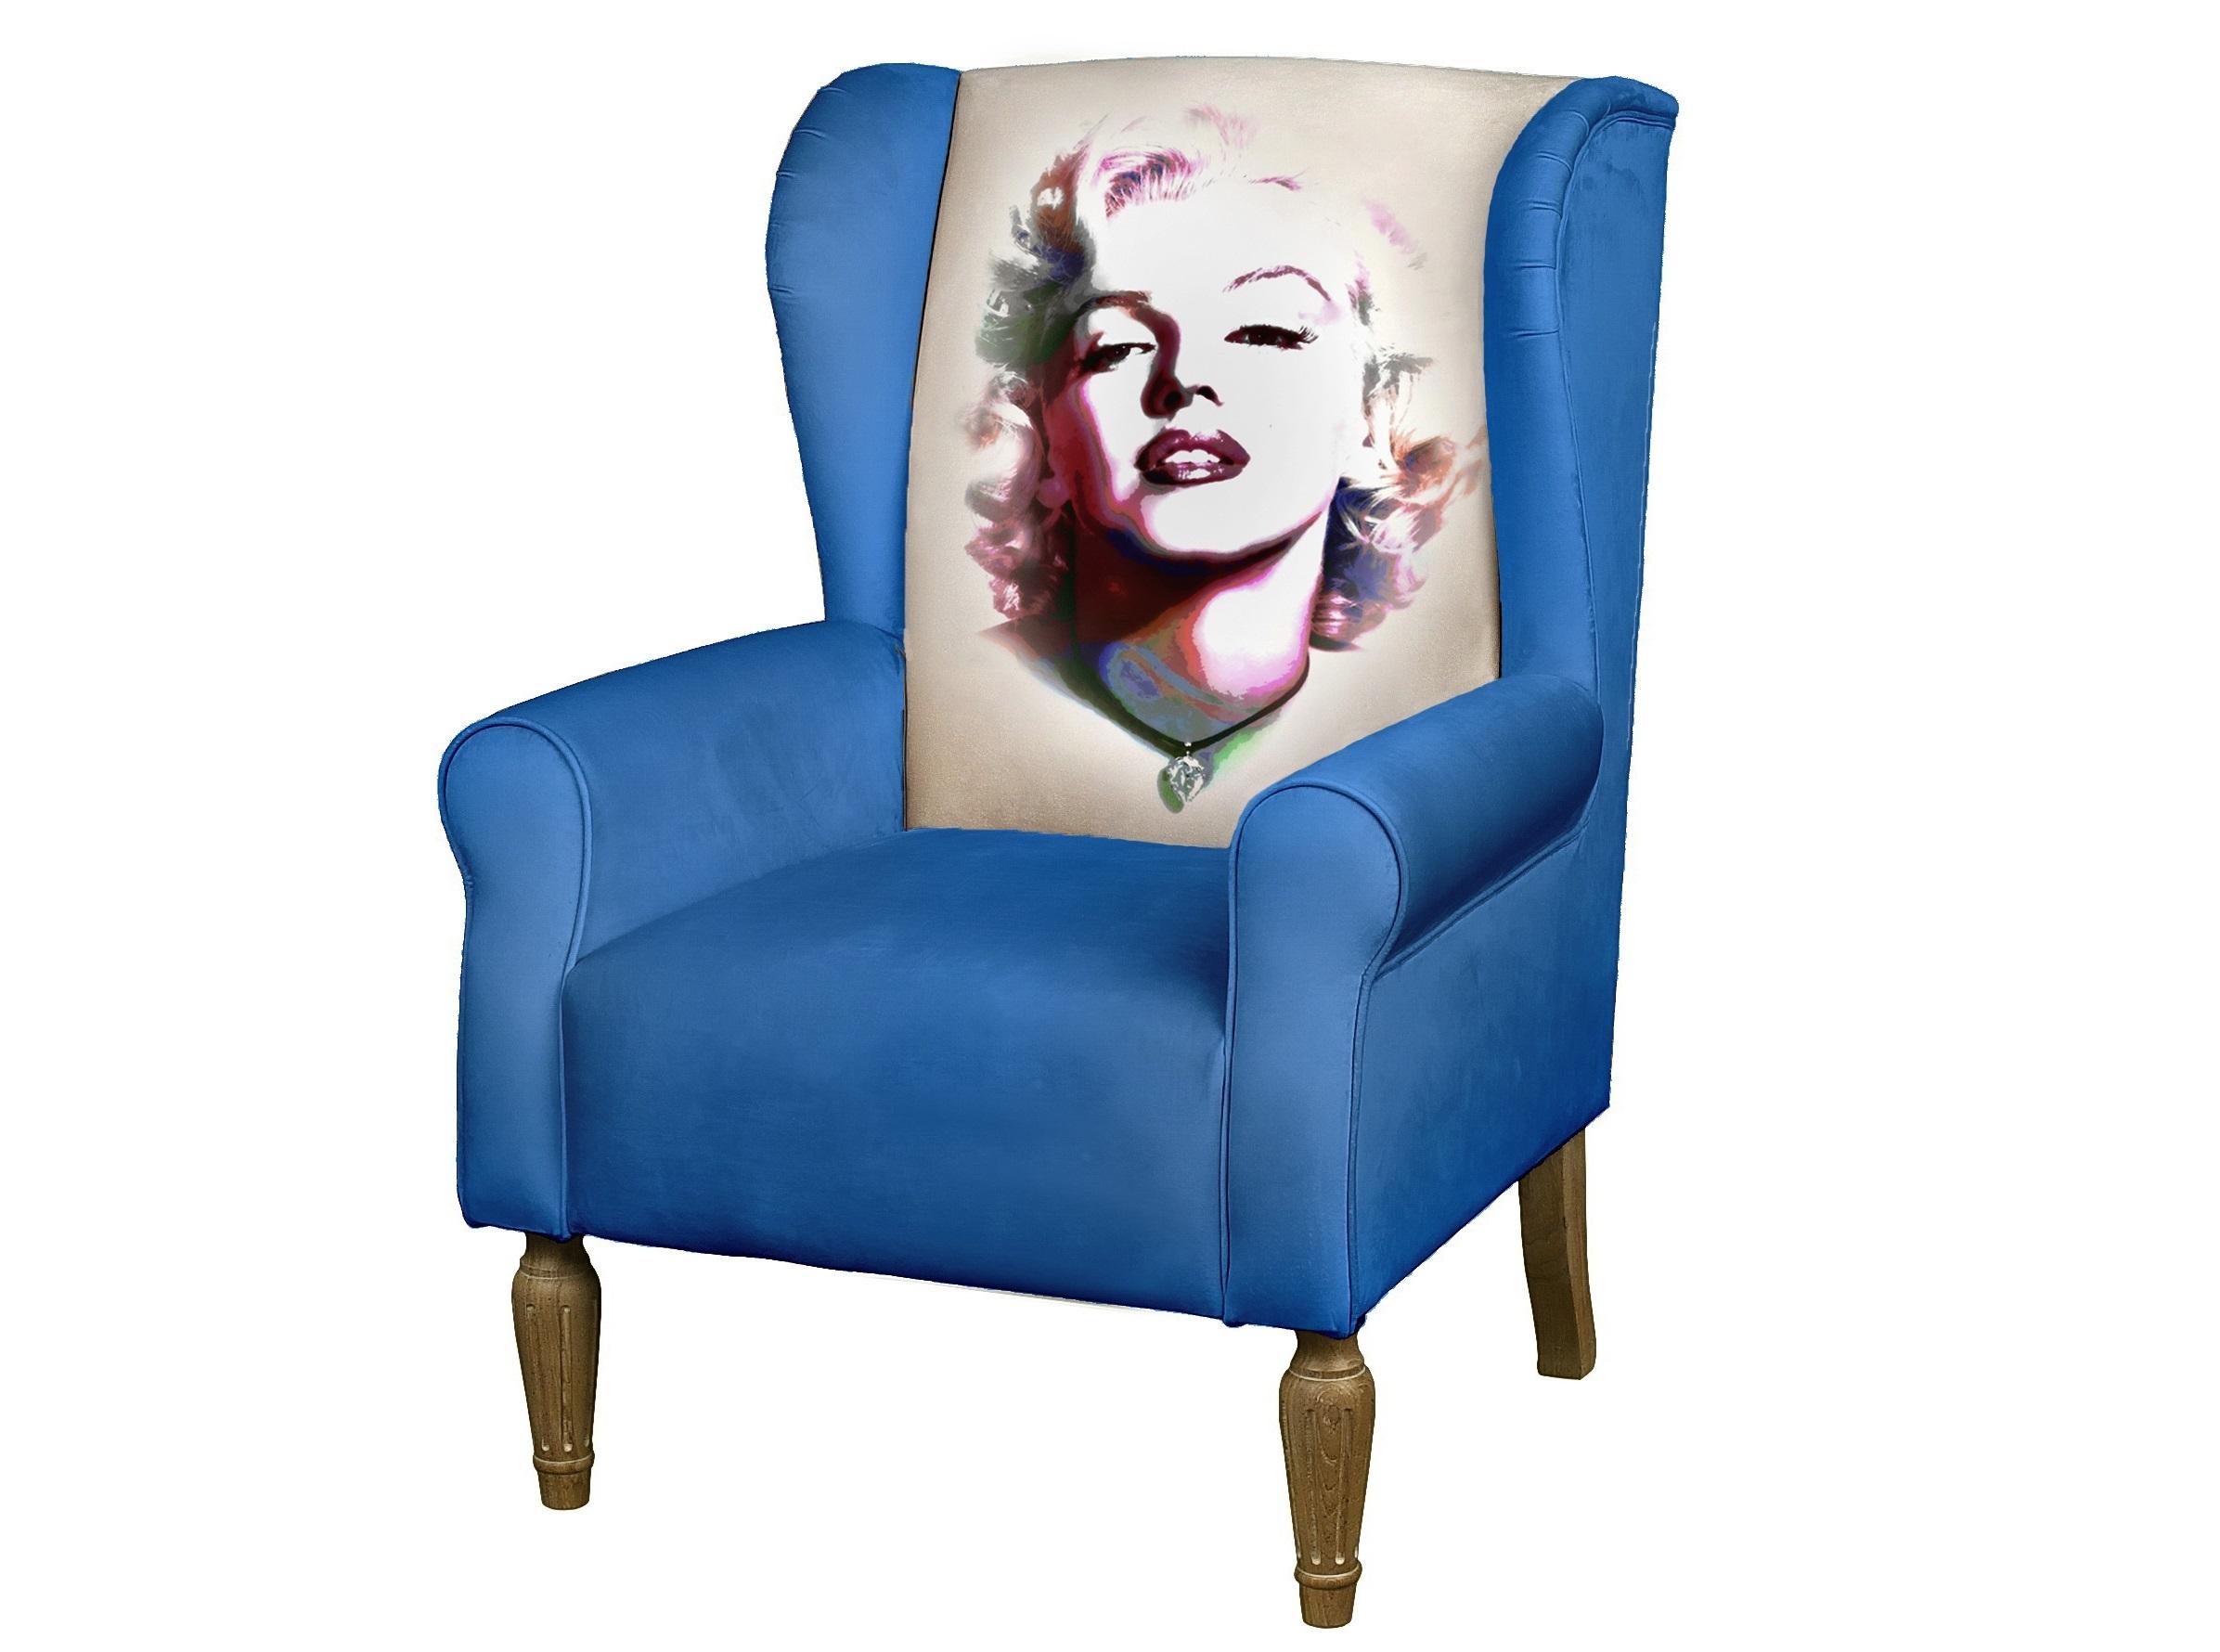 Кресло AttractionКресла с высокой спинкой<br>&amp;lt;div&amp;gt;Кресло с притом Мерилин Монро от ICON DESIGNE произведено из экологически чистых материалов. Модель представлена в ткани микровелюр – мягкий, бархатистый материал, широко используемый в качестве обивки для мебели. Обладает целым рядом замечательных свойств: отлично пропускает воздух, отталкивает пыль и долго сохраняет изначальный цвет, не протираясь и не выцветая. Высокие эксплуатационные свойства в сочетании с превосходным дизайном обеспечили микровелюру большую популярность.&amp;lt;/div&amp;gt;&amp;lt;div&amp;gt;Варианты исполнения: возможность выбрать ткань из других коллекций.&amp;amp;nbsp;&amp;lt;/div&amp;gt;&amp;lt;div&amp;gt;&amp;lt;br&amp;gt;&amp;lt;/div&amp;gt;&amp;lt;div&amp;gt;Каркас и ножки - бук,береза.&amp;amp;nbsp;&amp;lt;/div&amp;gt;&amp;lt;div&amp;gt;Материалы обивки: береза, текстиль.&amp;lt;/div&amp;gt;&amp;lt;div&amp;gt;&amp;lt;br&amp;gt;&amp;lt;/div&amp;gt;<br><br>Material: Текстиль<br>Ширина см: 80<br>Высота см: 107<br>Глубина см: 77